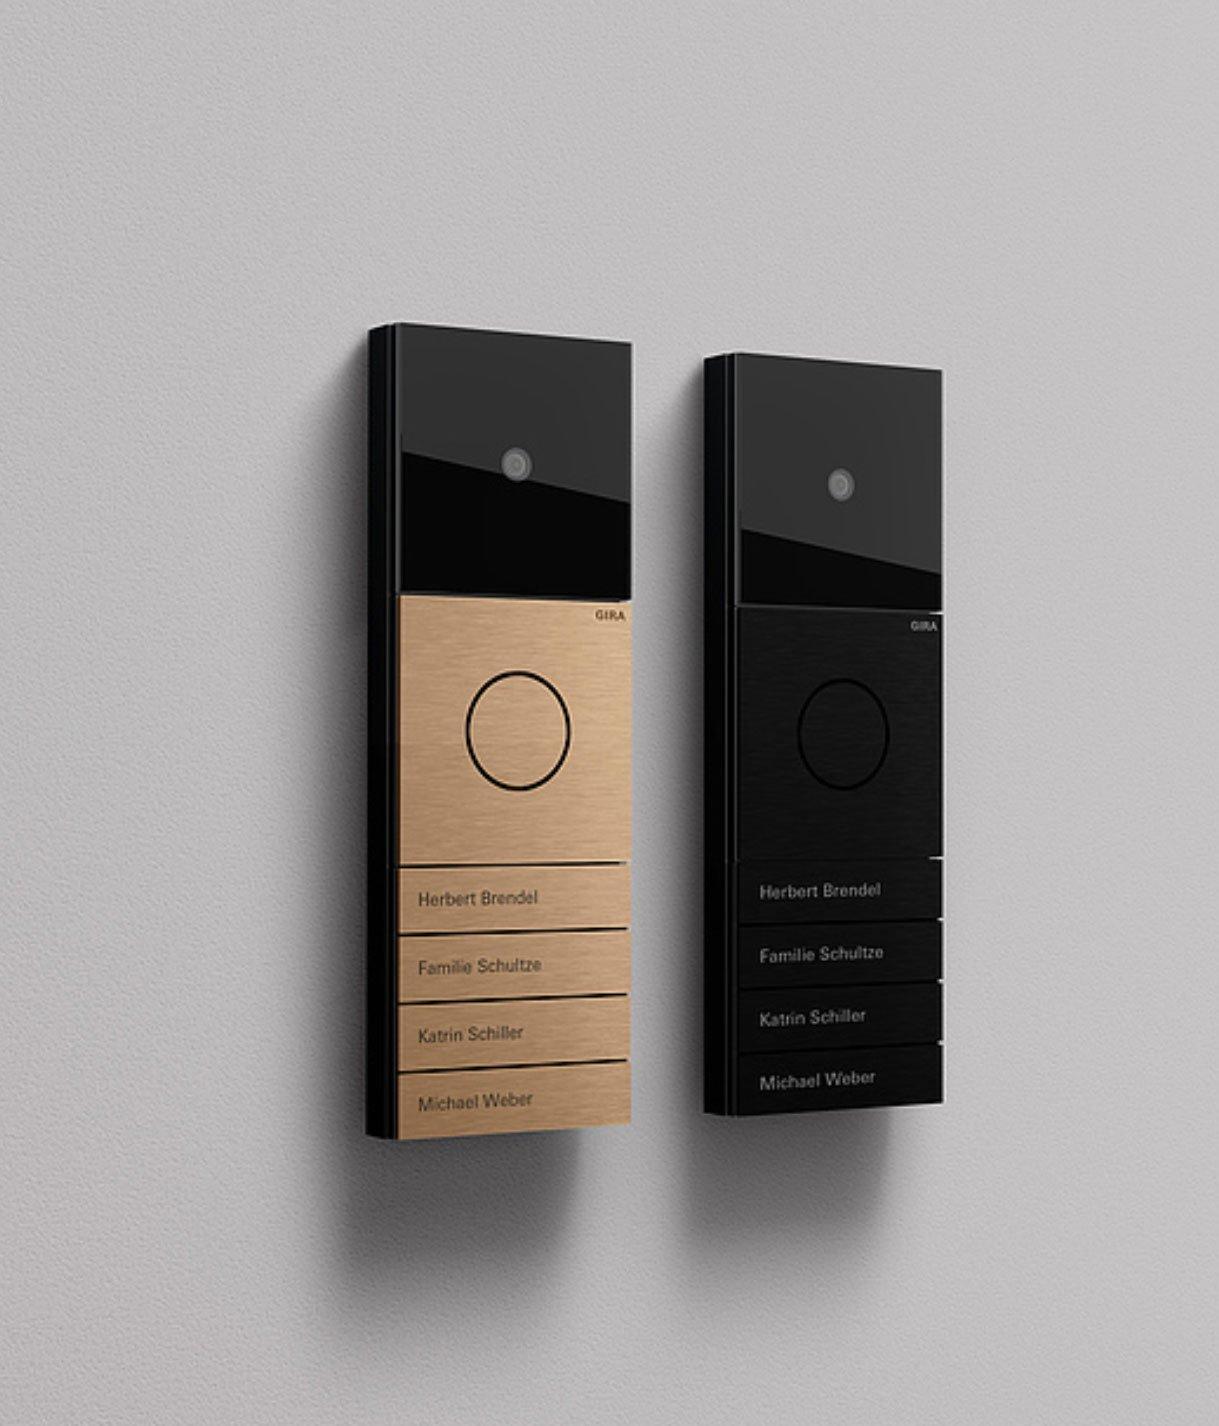 Türsprechanlage von Tesseraux + Partner für Gira in zwei neuen Farben